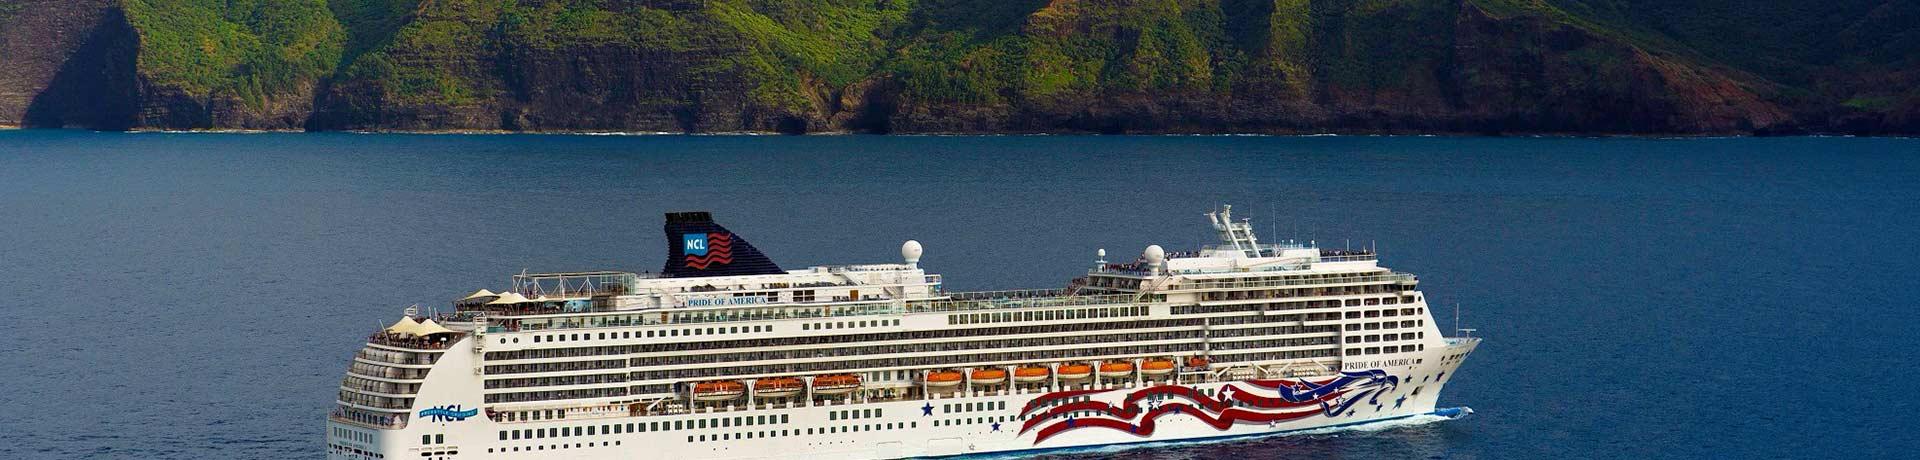 하와이 일주 크루즈 8일